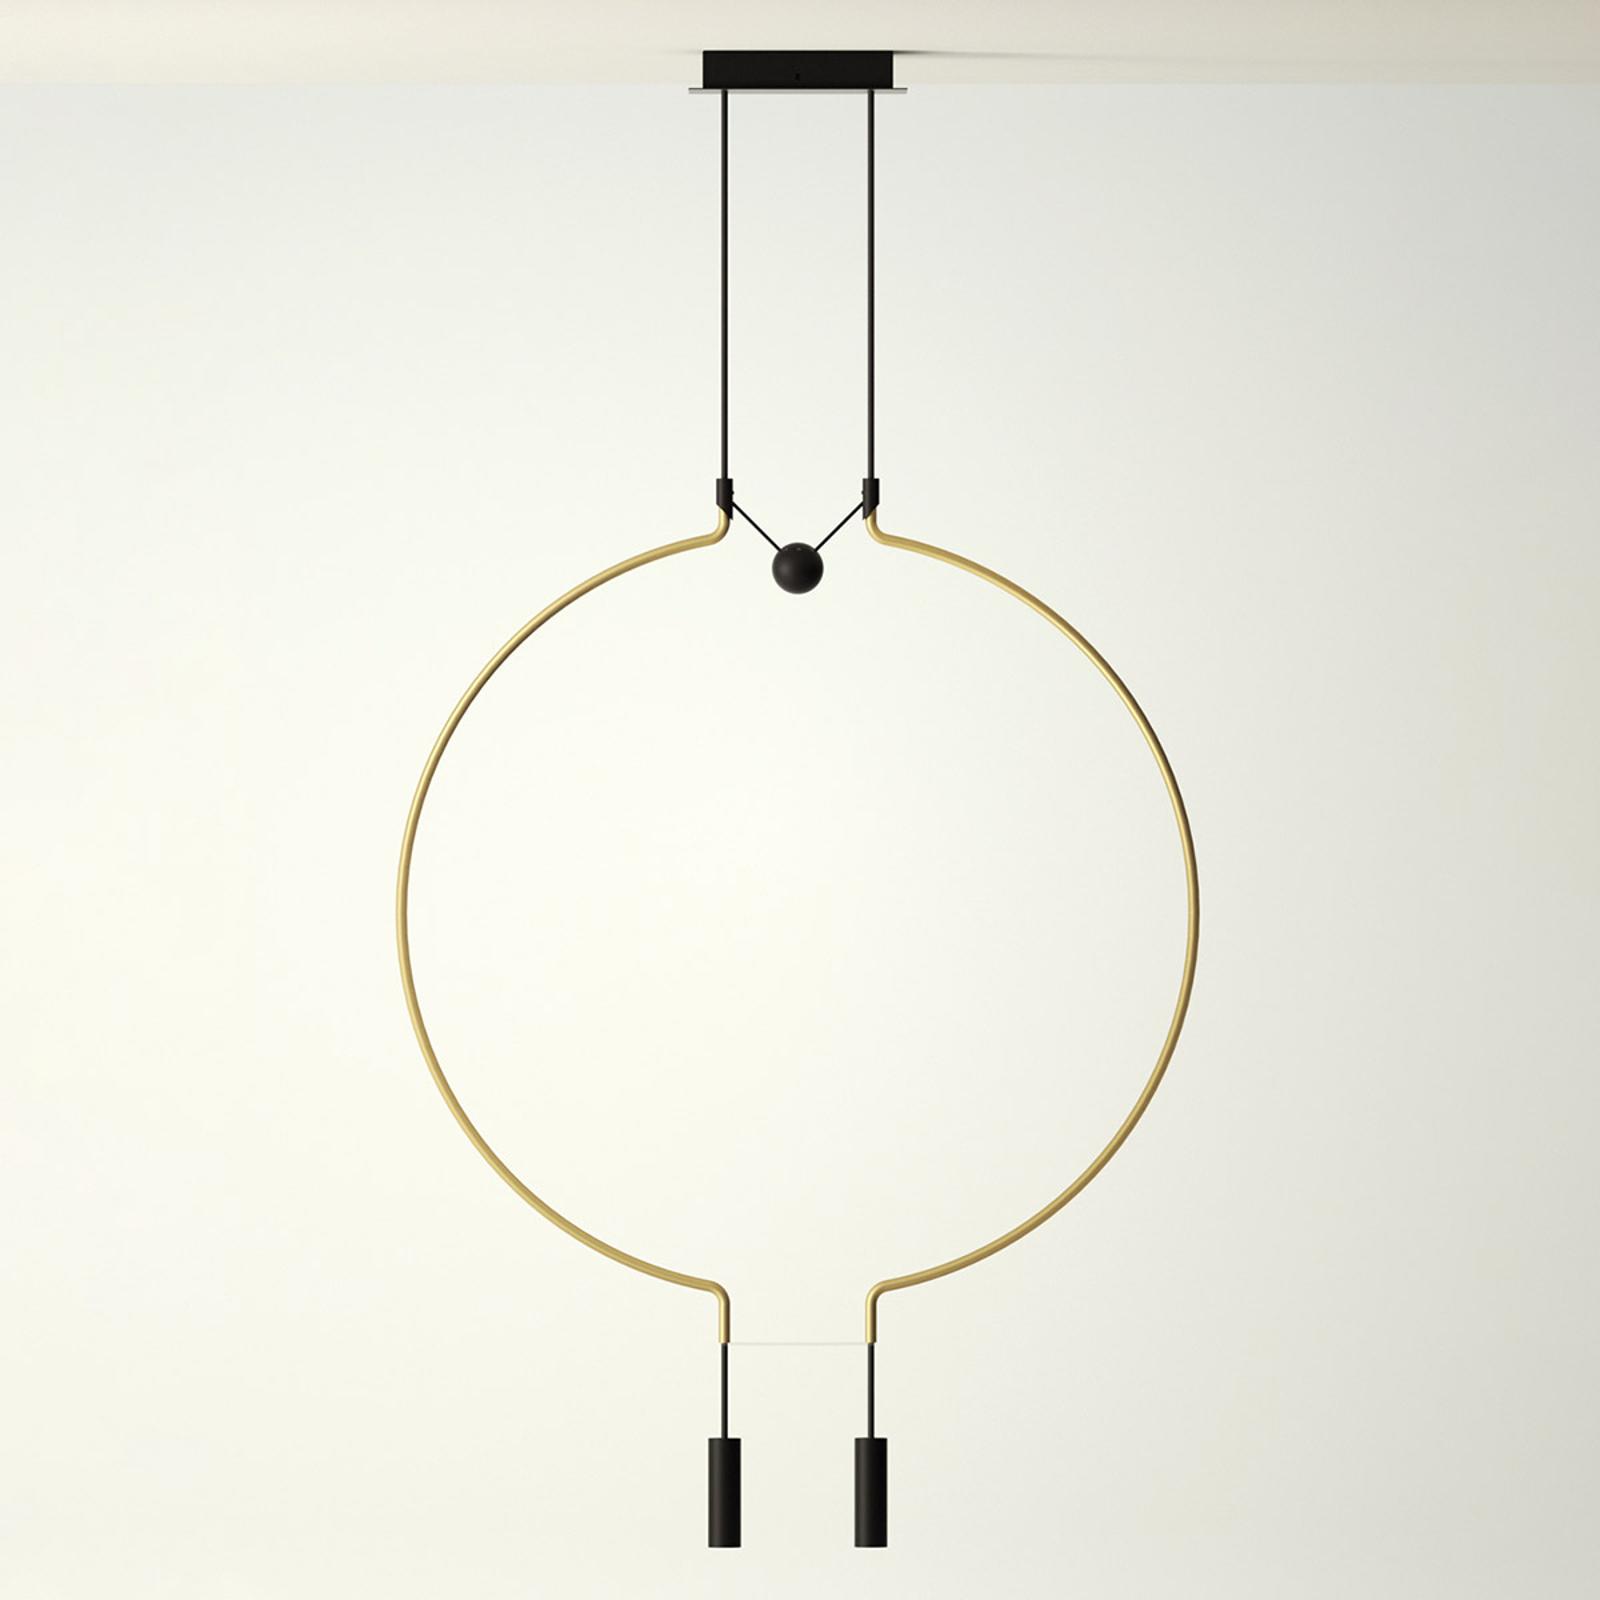 Axolight Liaison P2/M2 hengelampe gull/svart